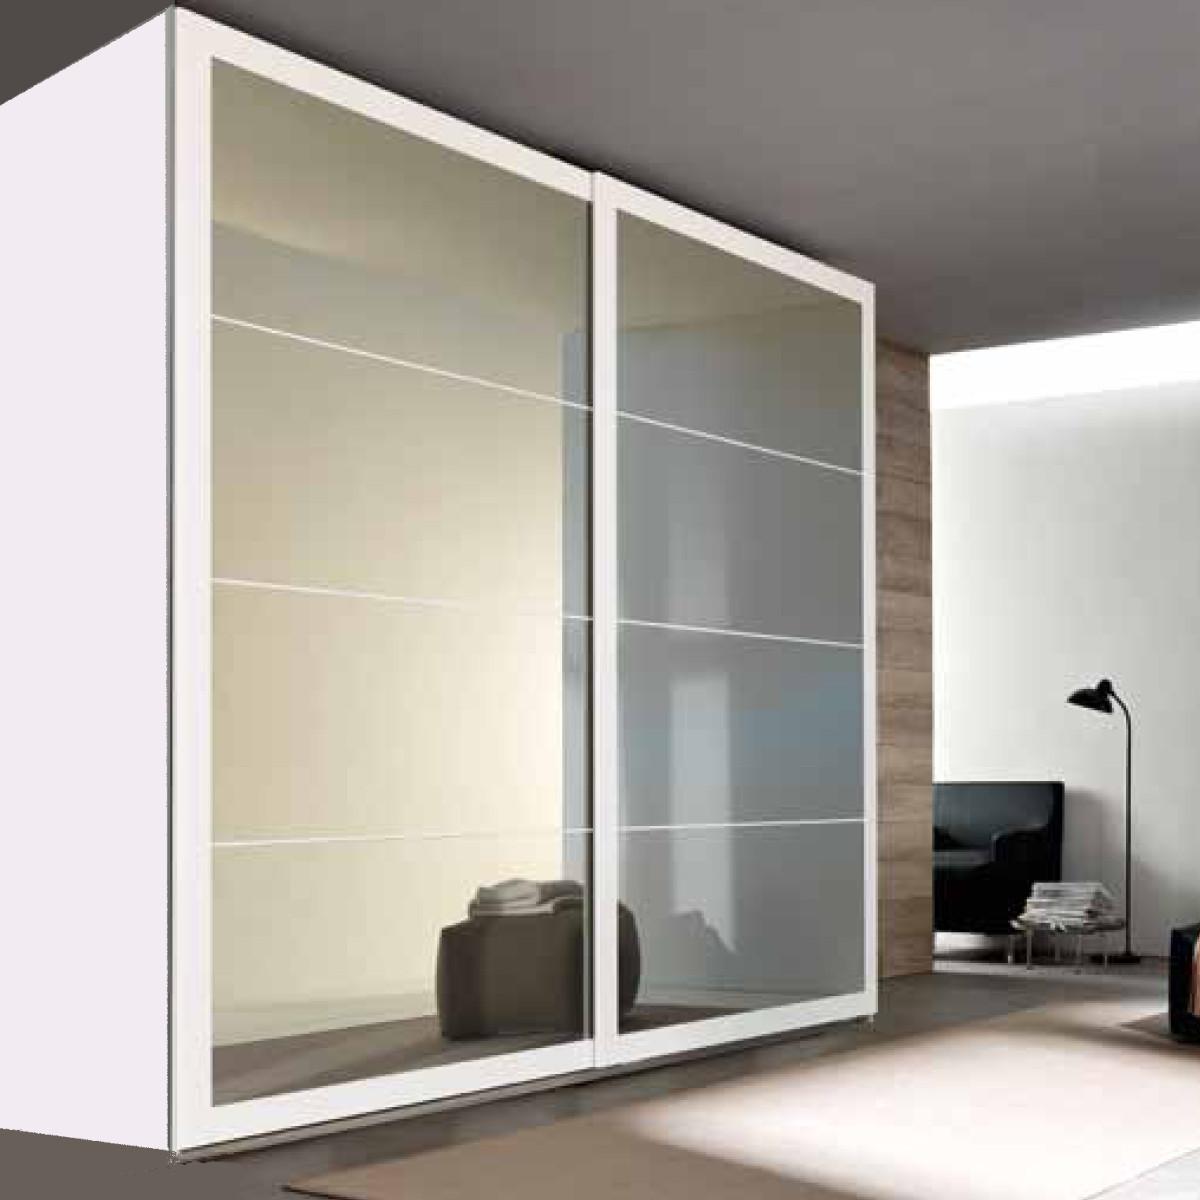 Armario de puertas correderas giovana armarios daicarmobel - Puertas de armario ...